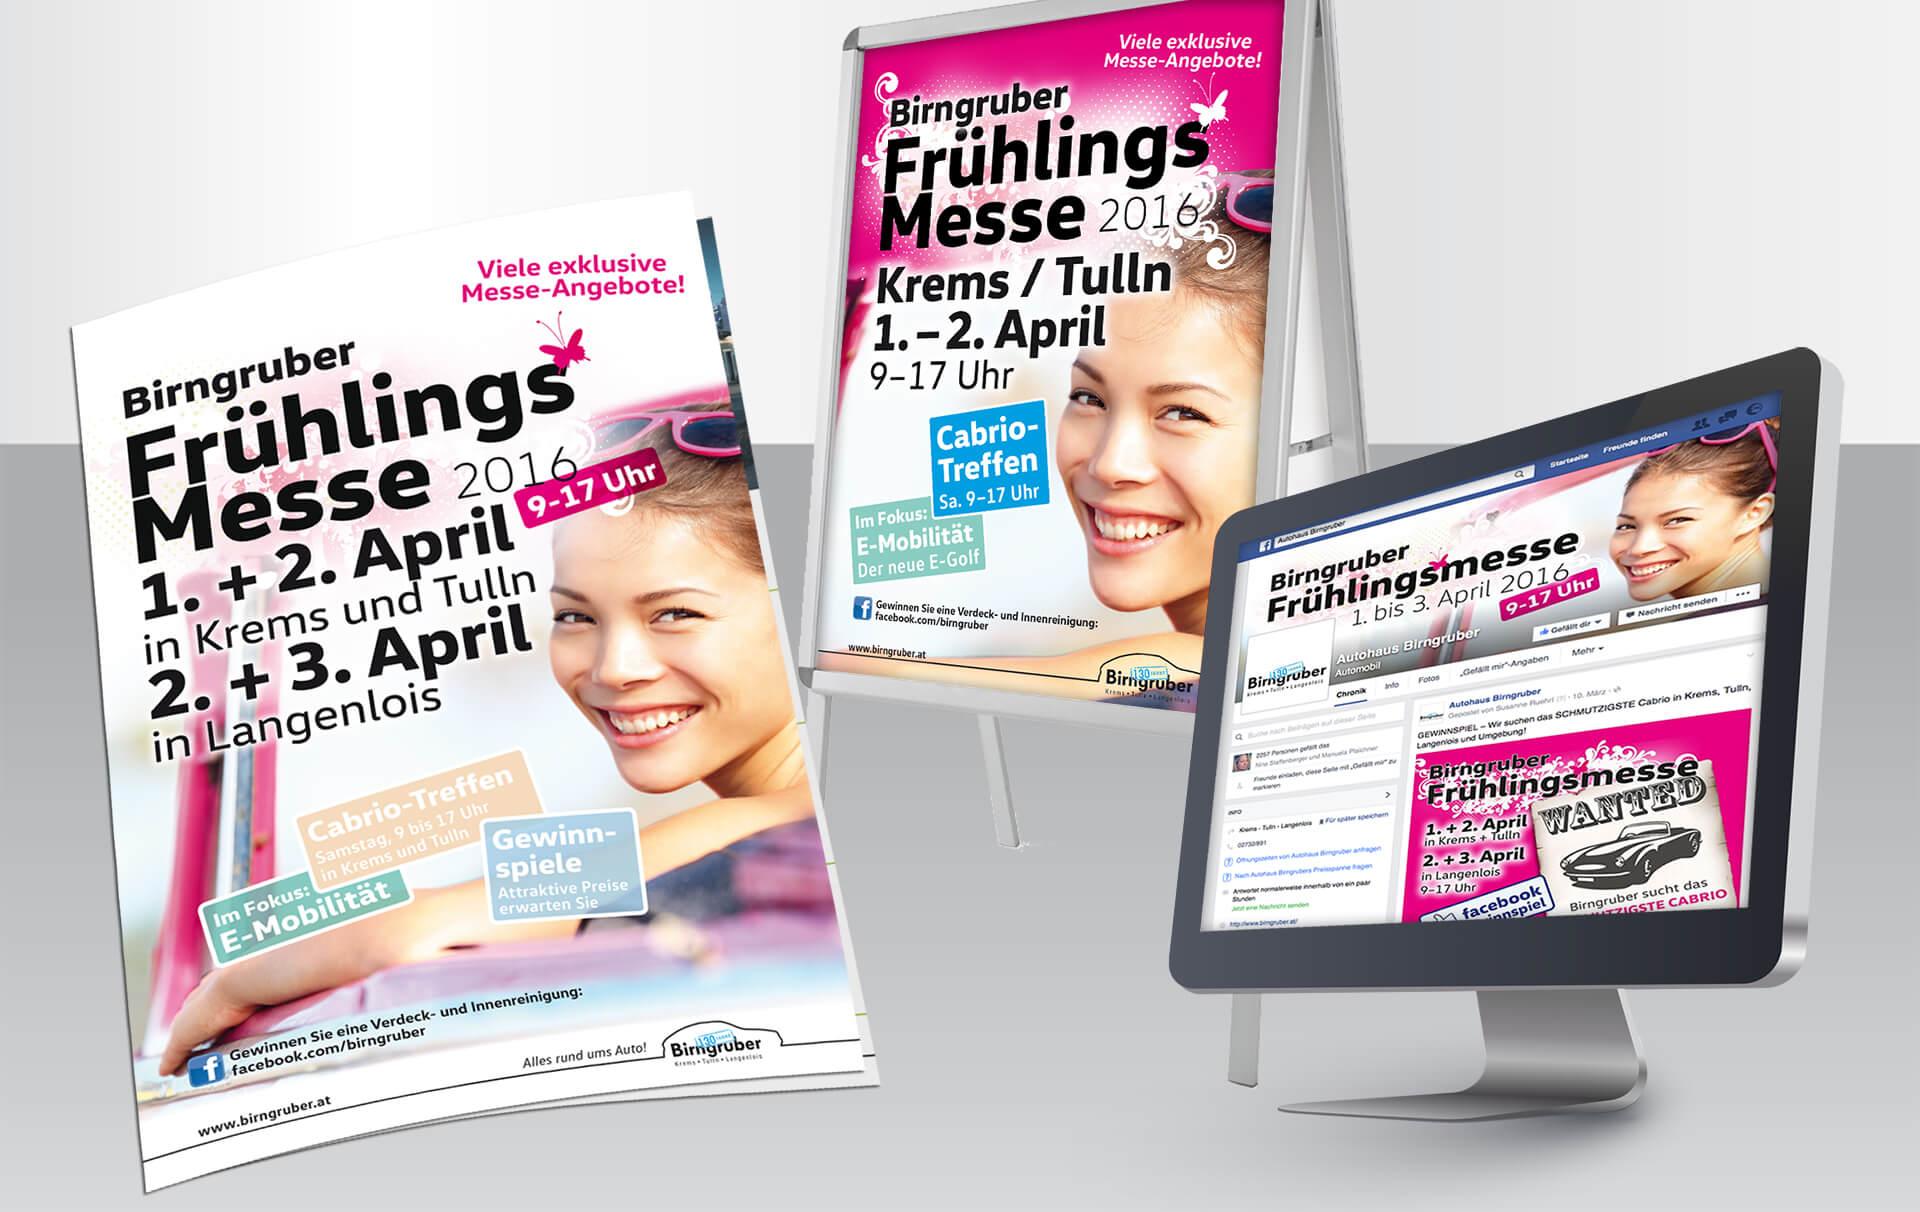 Birngruber Frühlingsmesse Plakat, Facebook und Folder